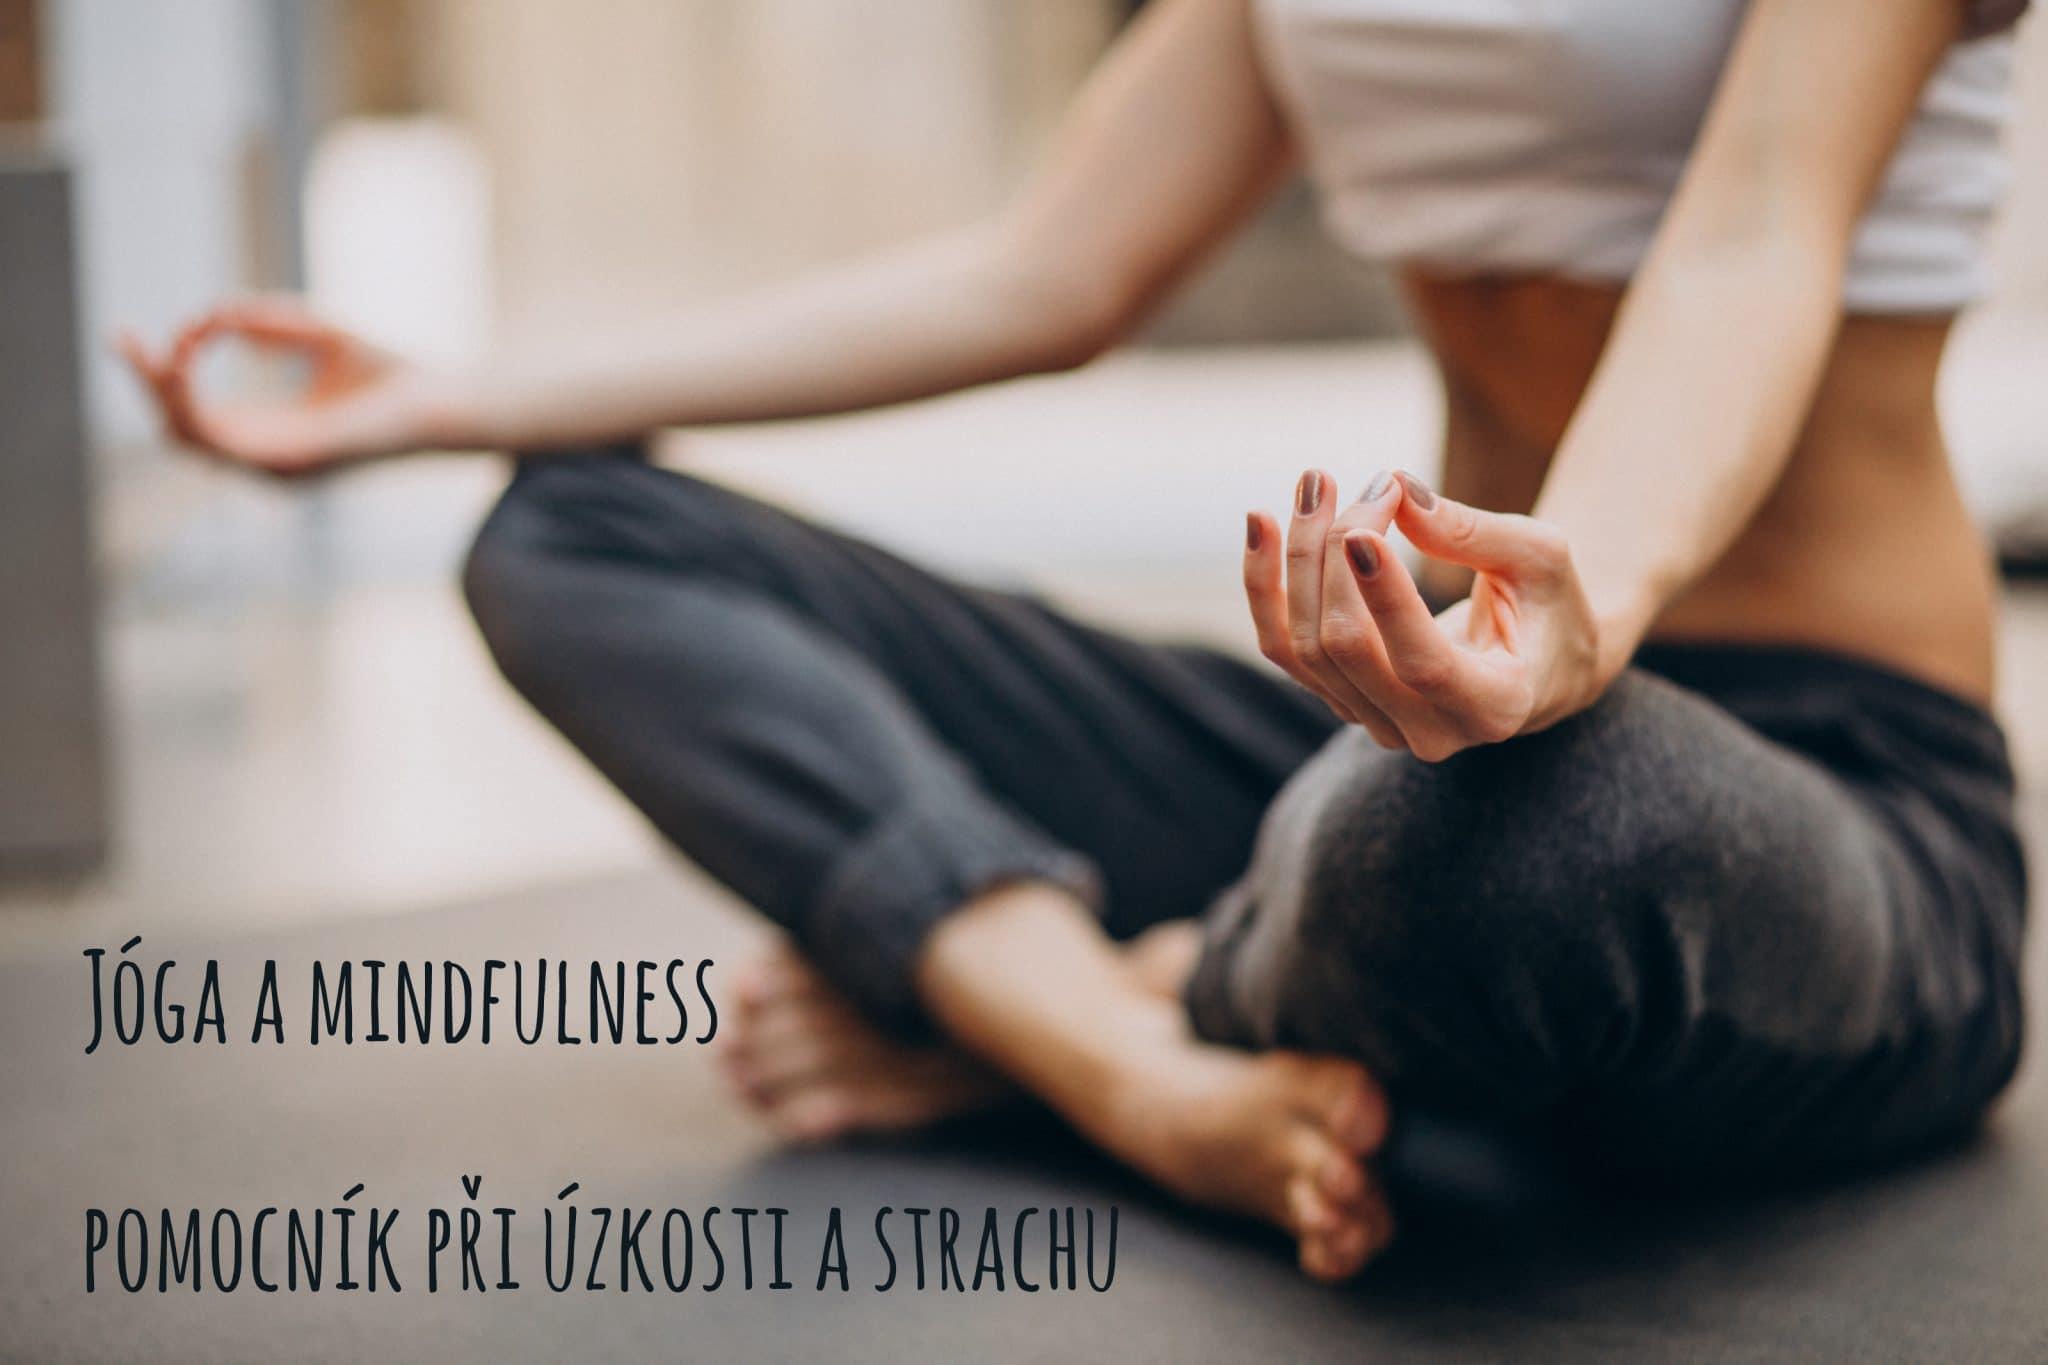 Jóga a mindfulness jako pomoc při úzkosti a strachu